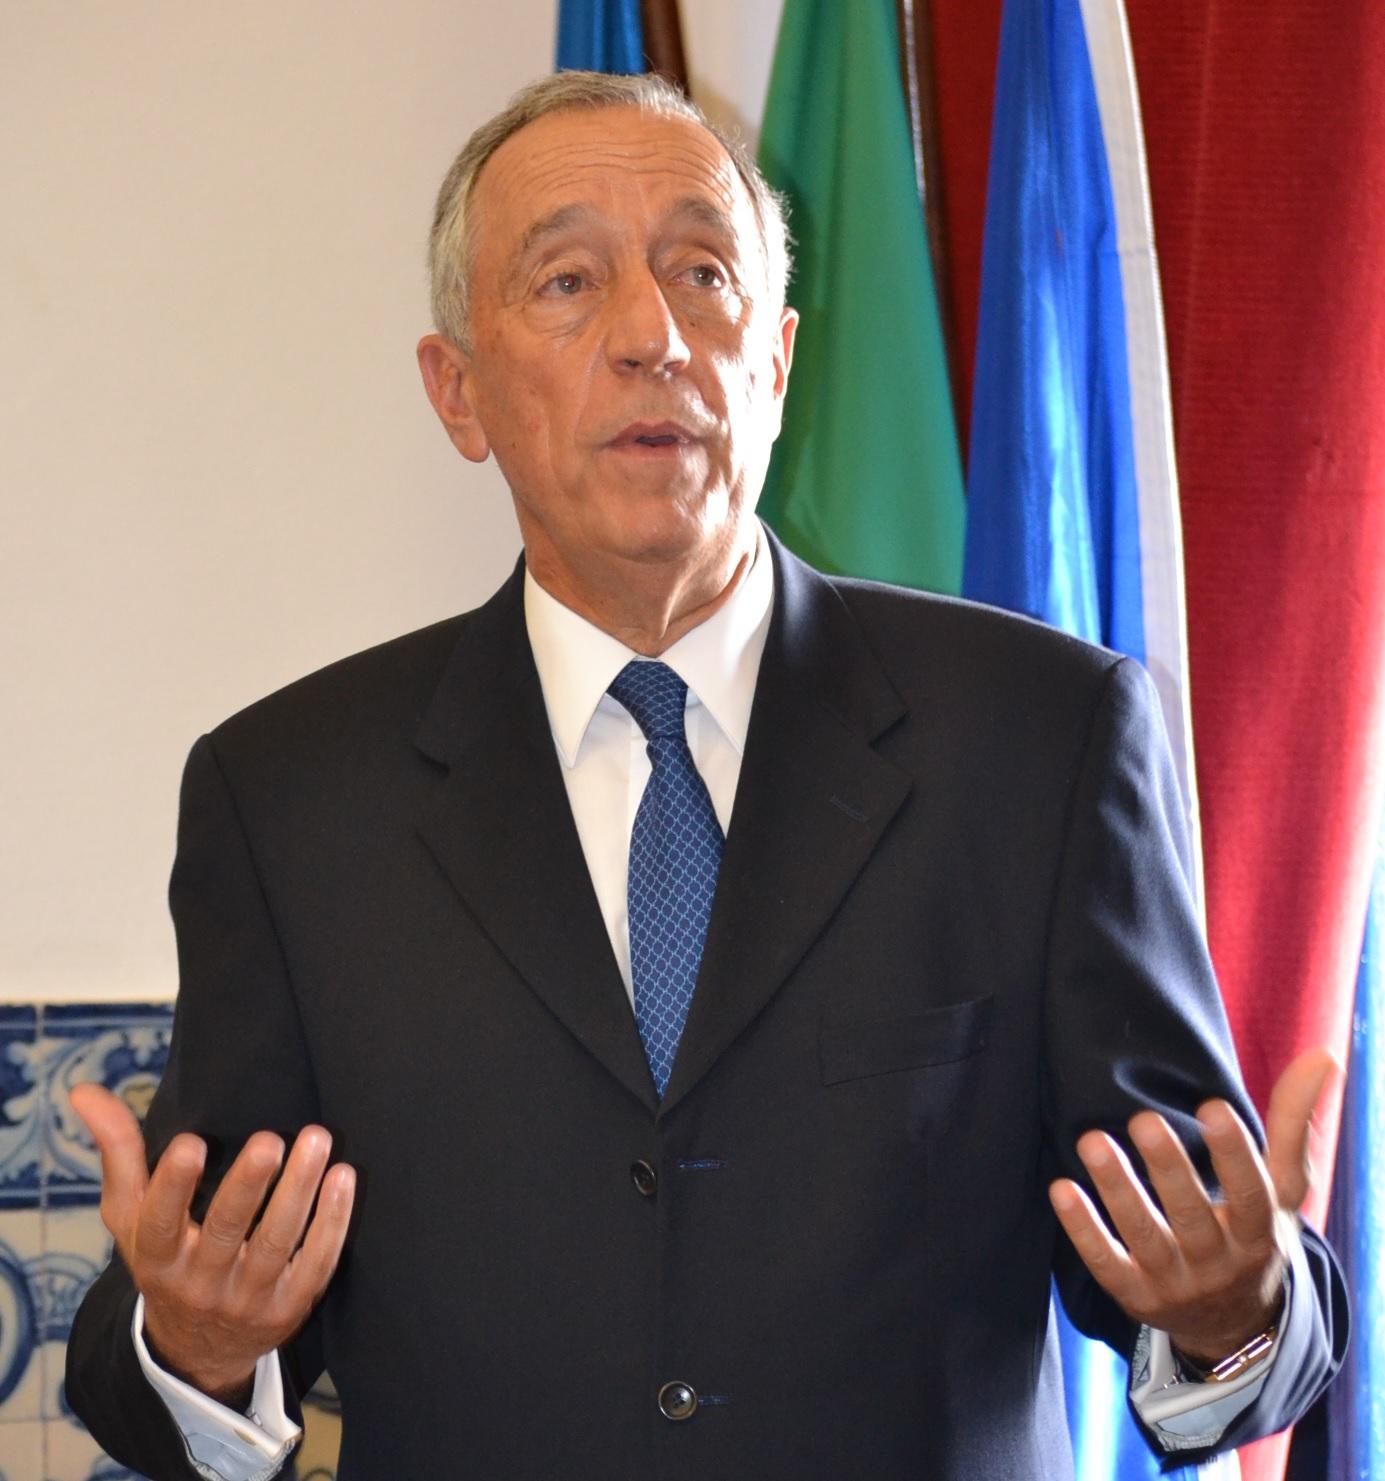 Marcelo Nuno Duarte Rebelo de Sousa Net Worth